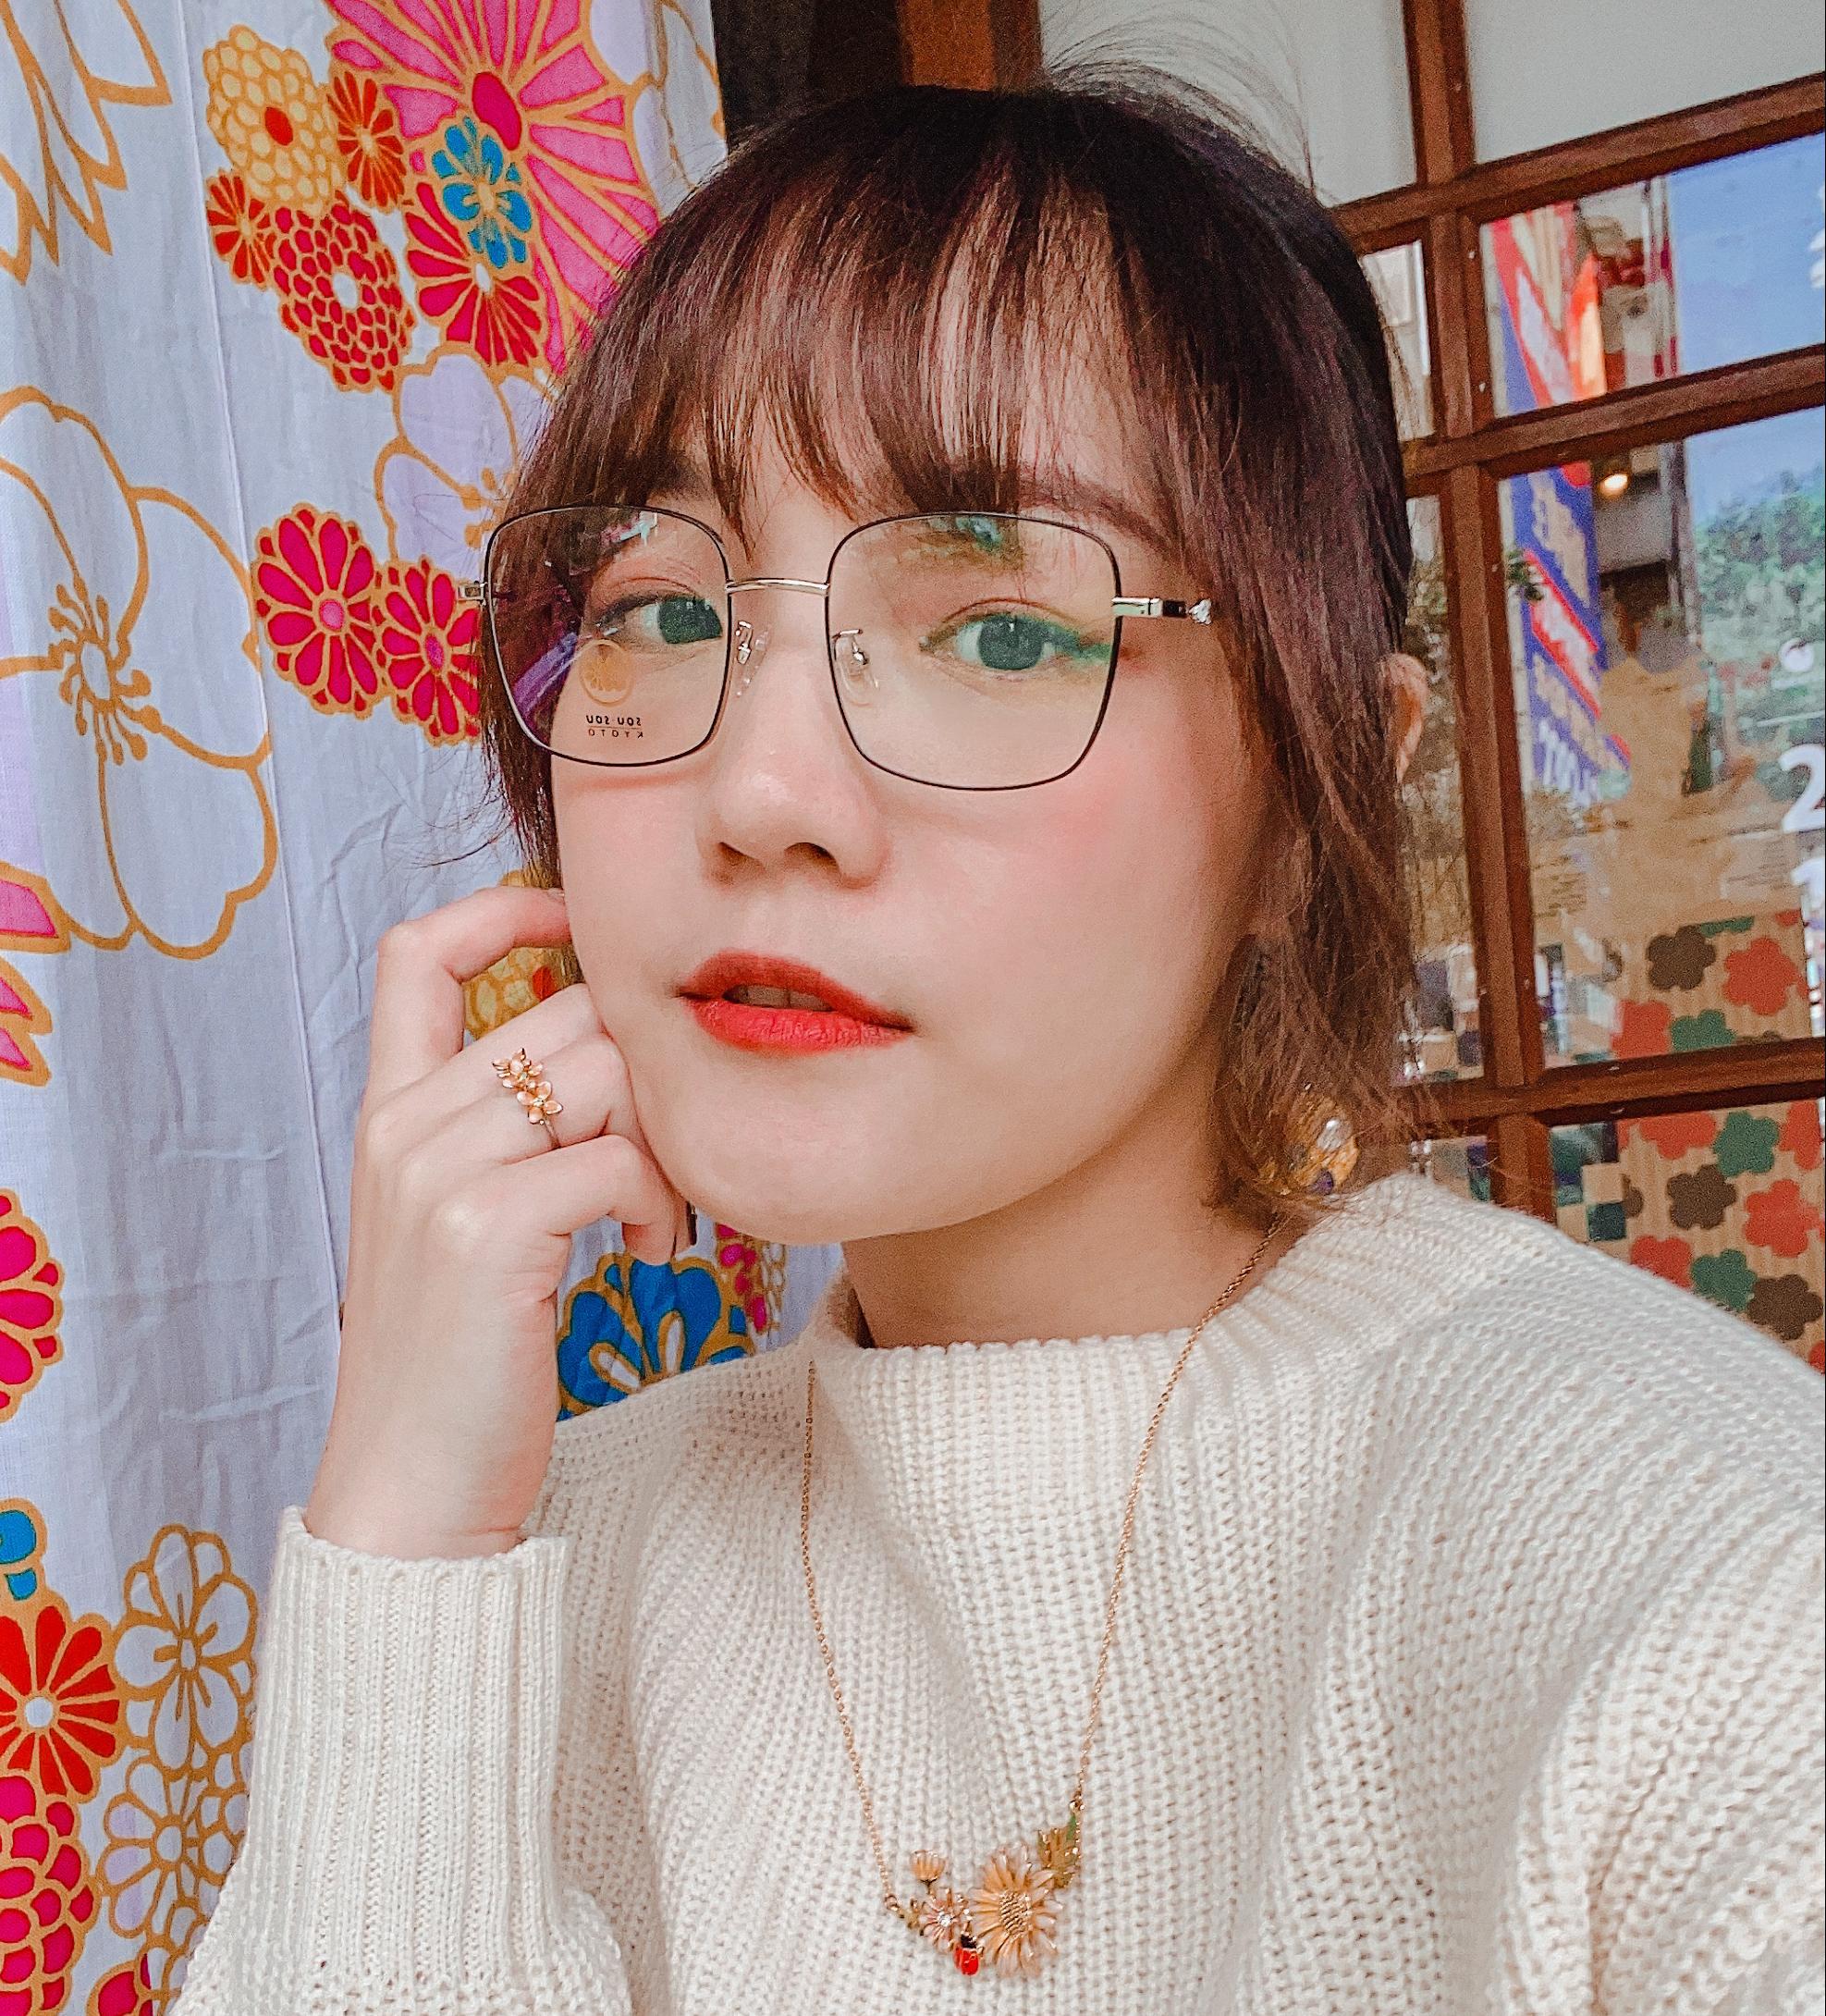 開架美妝推薦|Solone新品分享/緞光唇膏/絲絨霧面唇釉/單色眼影